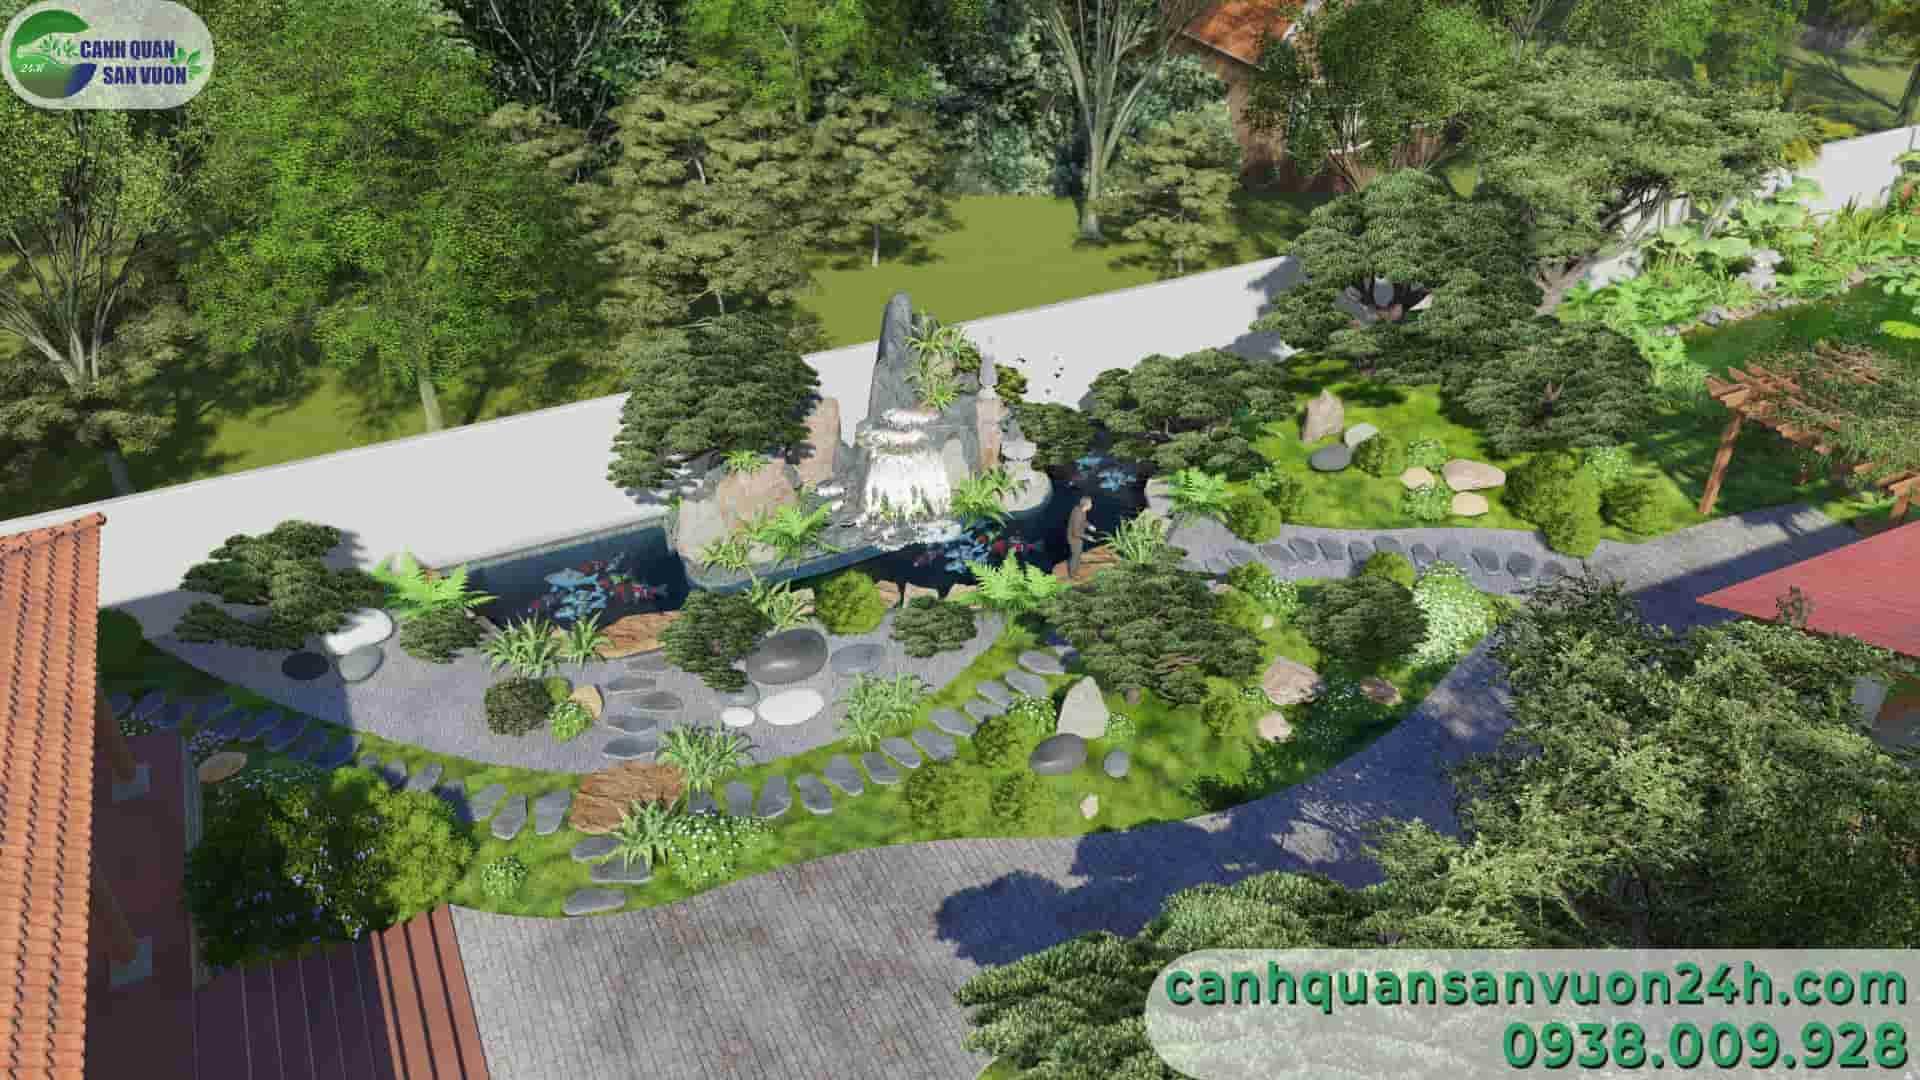 góc hòn non bộ dự án thiết kế sân vườn